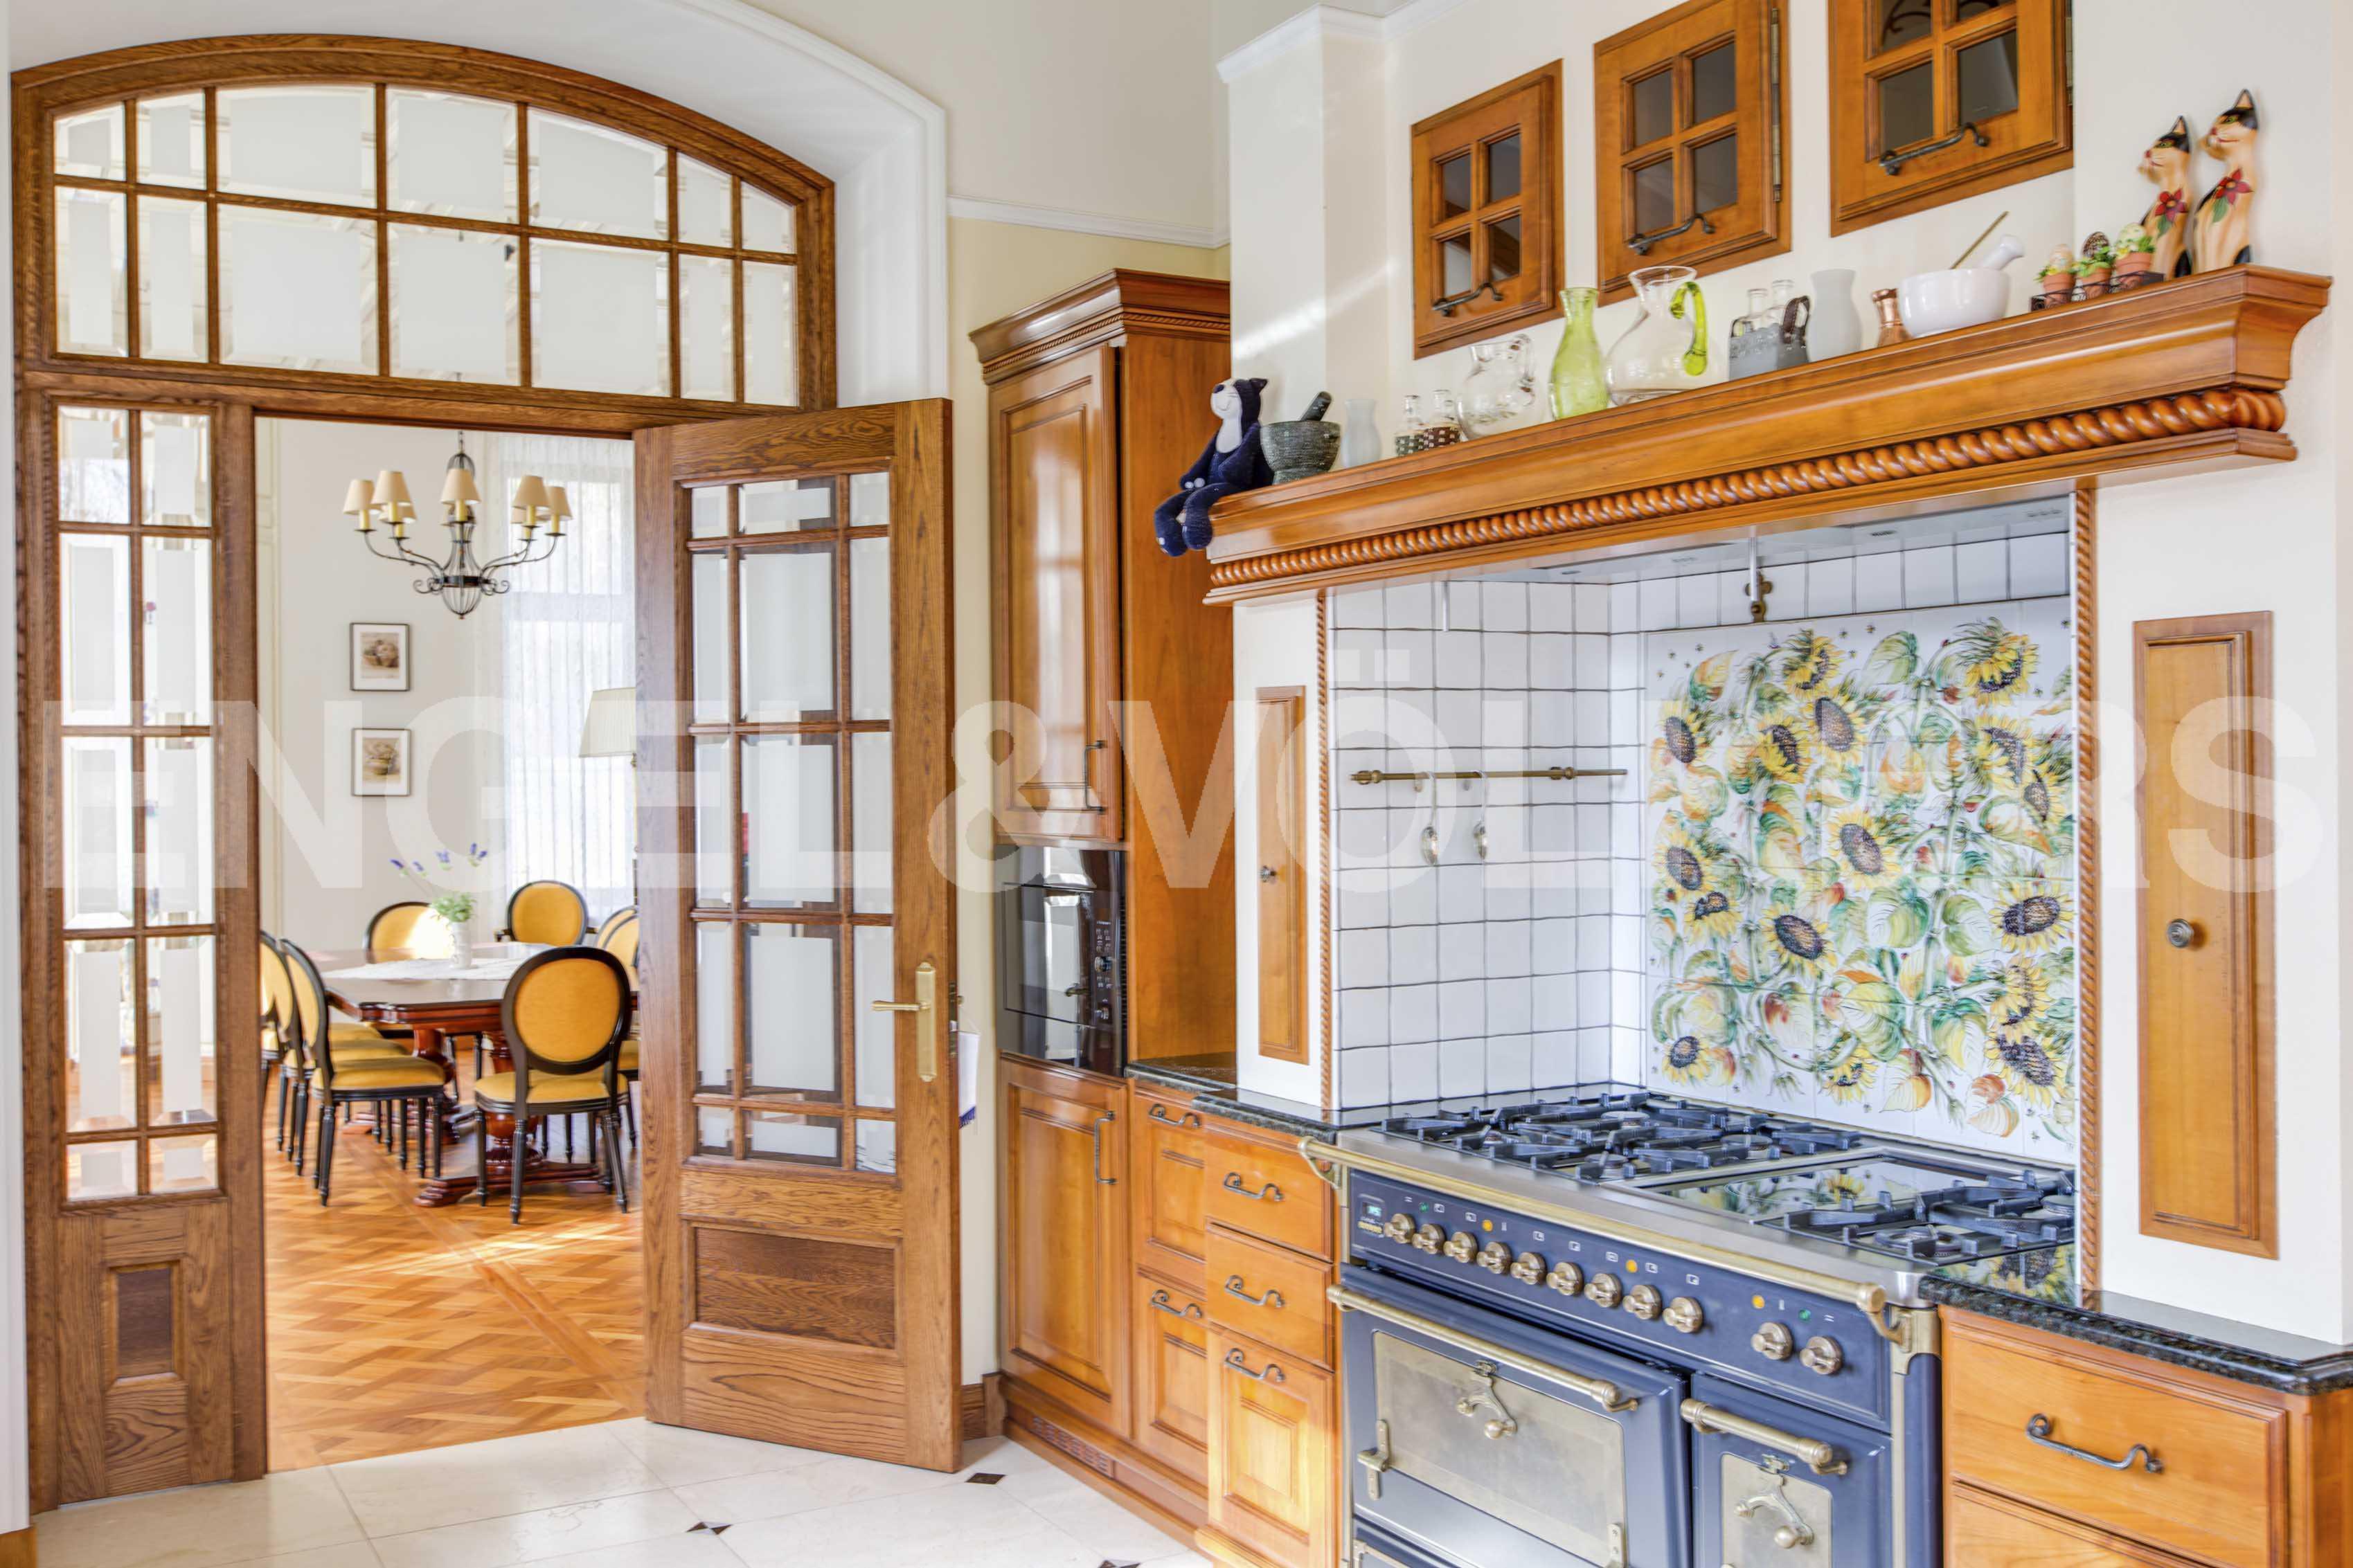 Элитные квартиры в Курортном районе. Санкт-Петербург, поселок Репино, ул. Курортная.